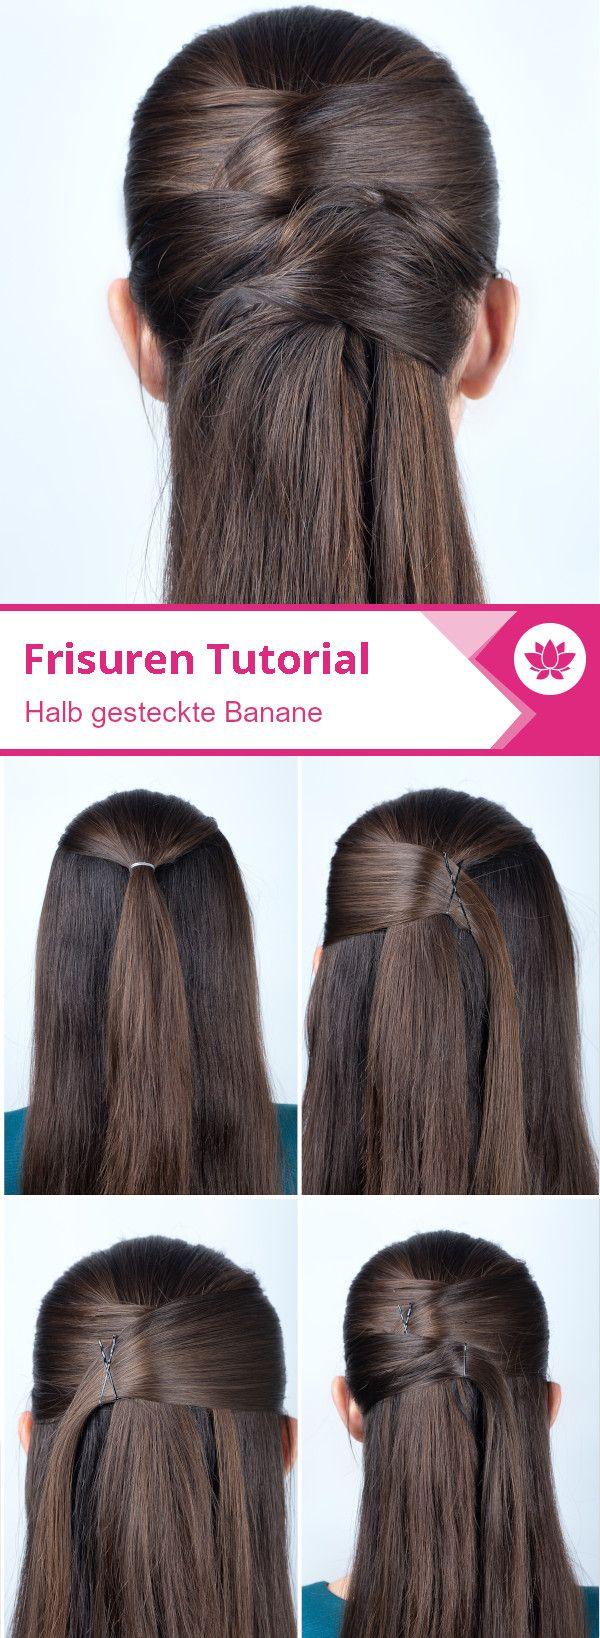 Entgegengesetzt Gestecktes Haar Im Stil Einer Banane Frisuren